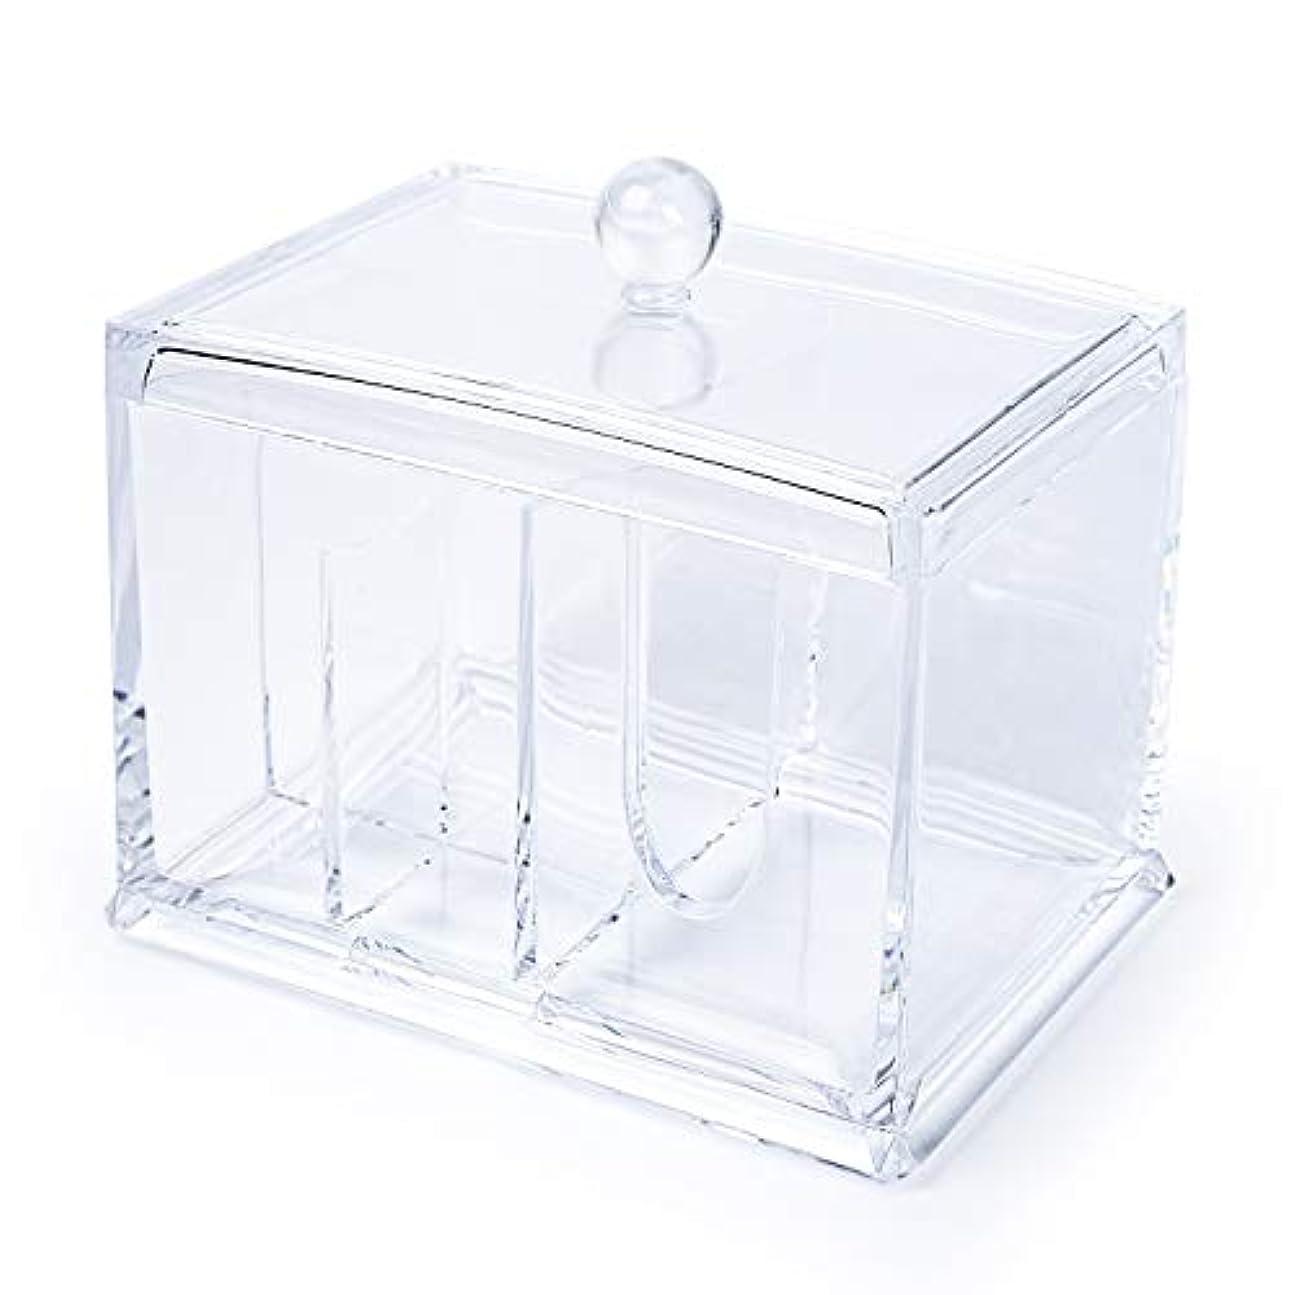 責める湾理由ELOKI 収納ボックス アクリルケース 収納ボックス 綿棒 小物?コスメ小物用品収納 ジュエリーボックス アクセサリー 透明 防塵?蓋付き アクリル製